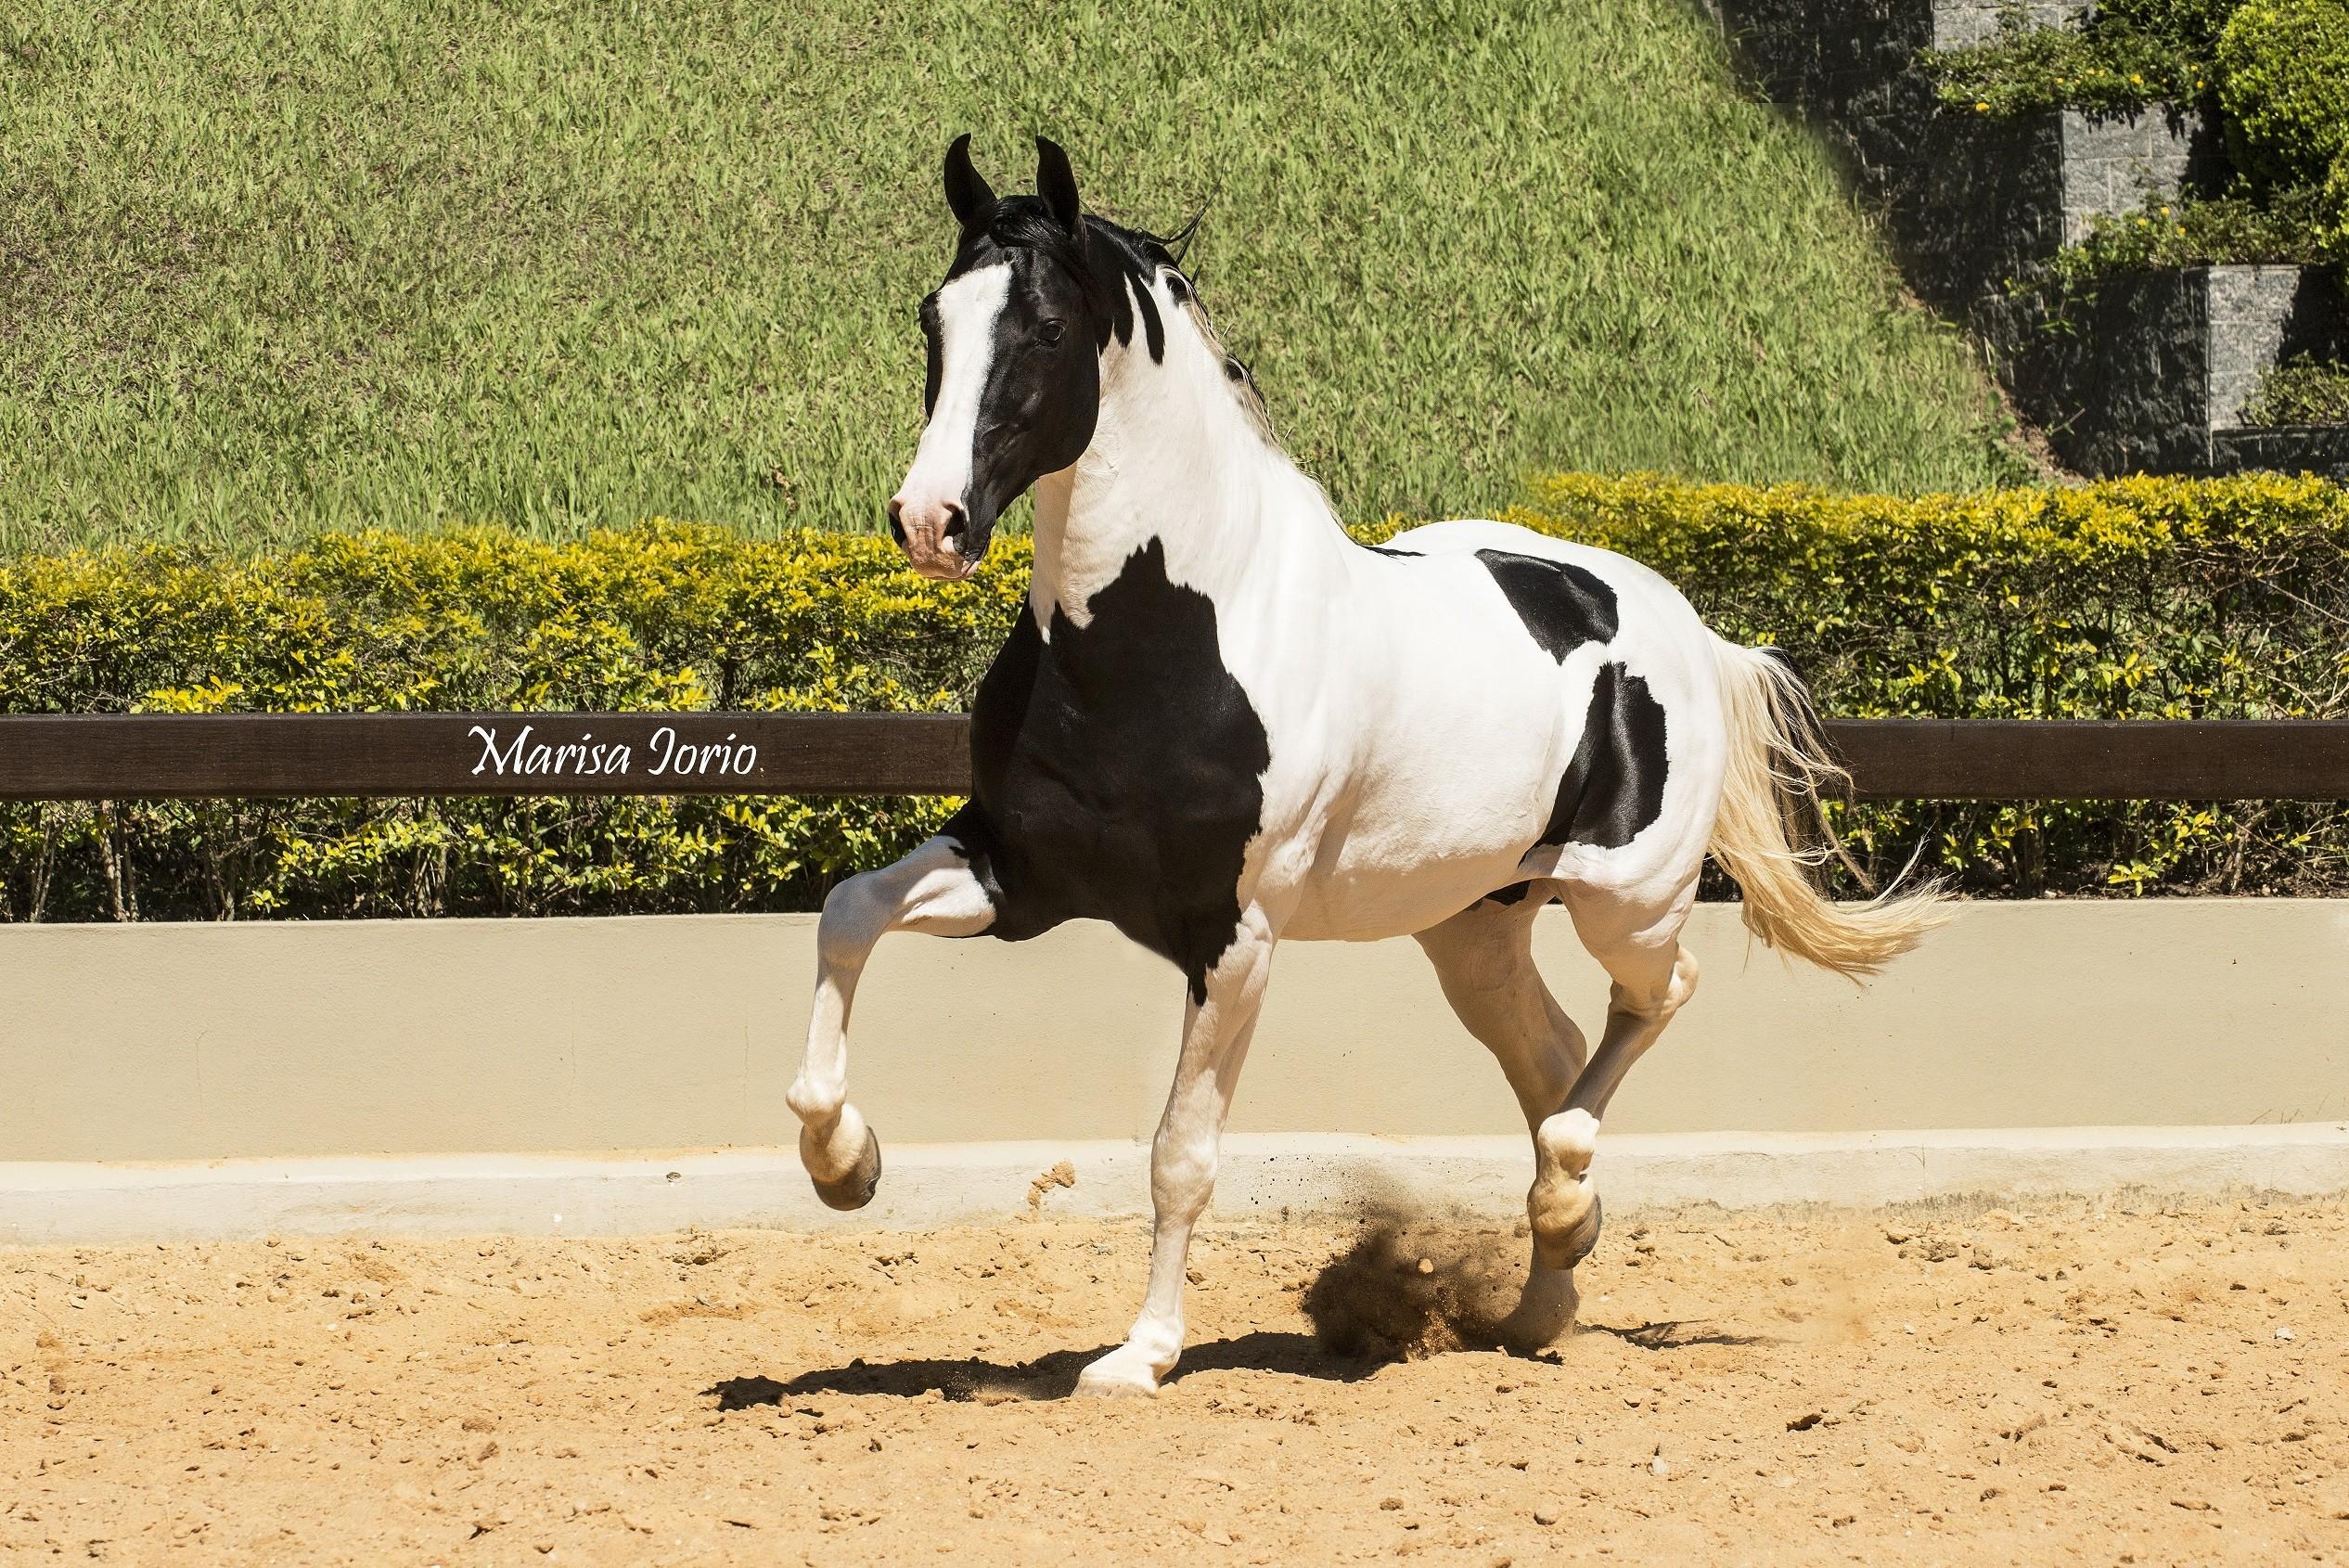 Atenção à patinha do cavalo Xingu do PEC (Foto: Divulgação)